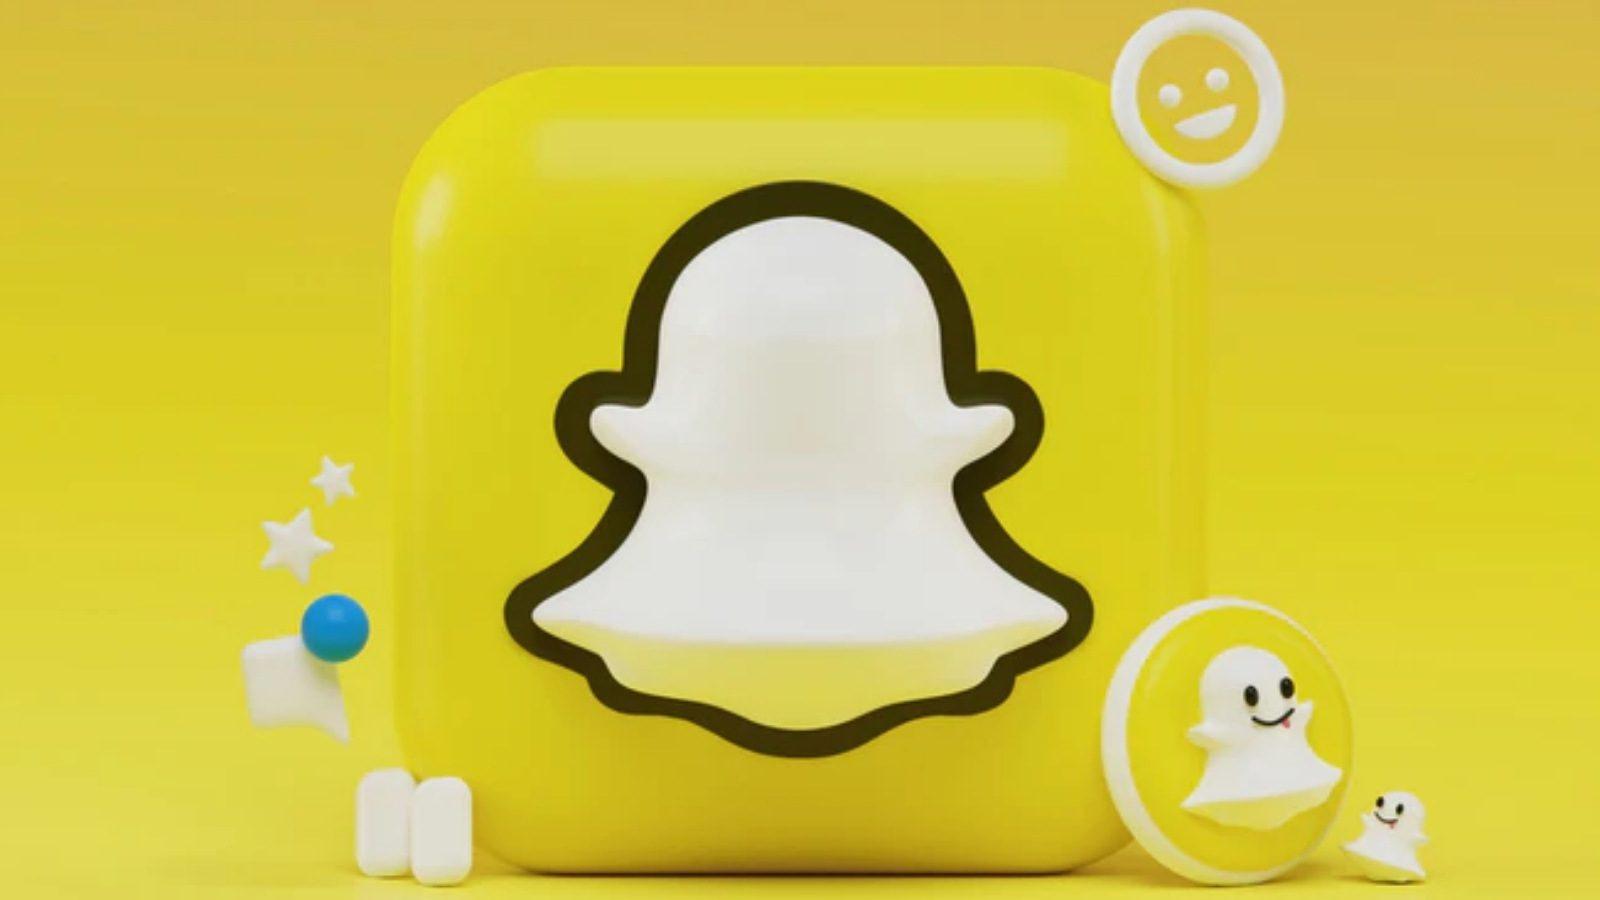 Snapchat new lenses